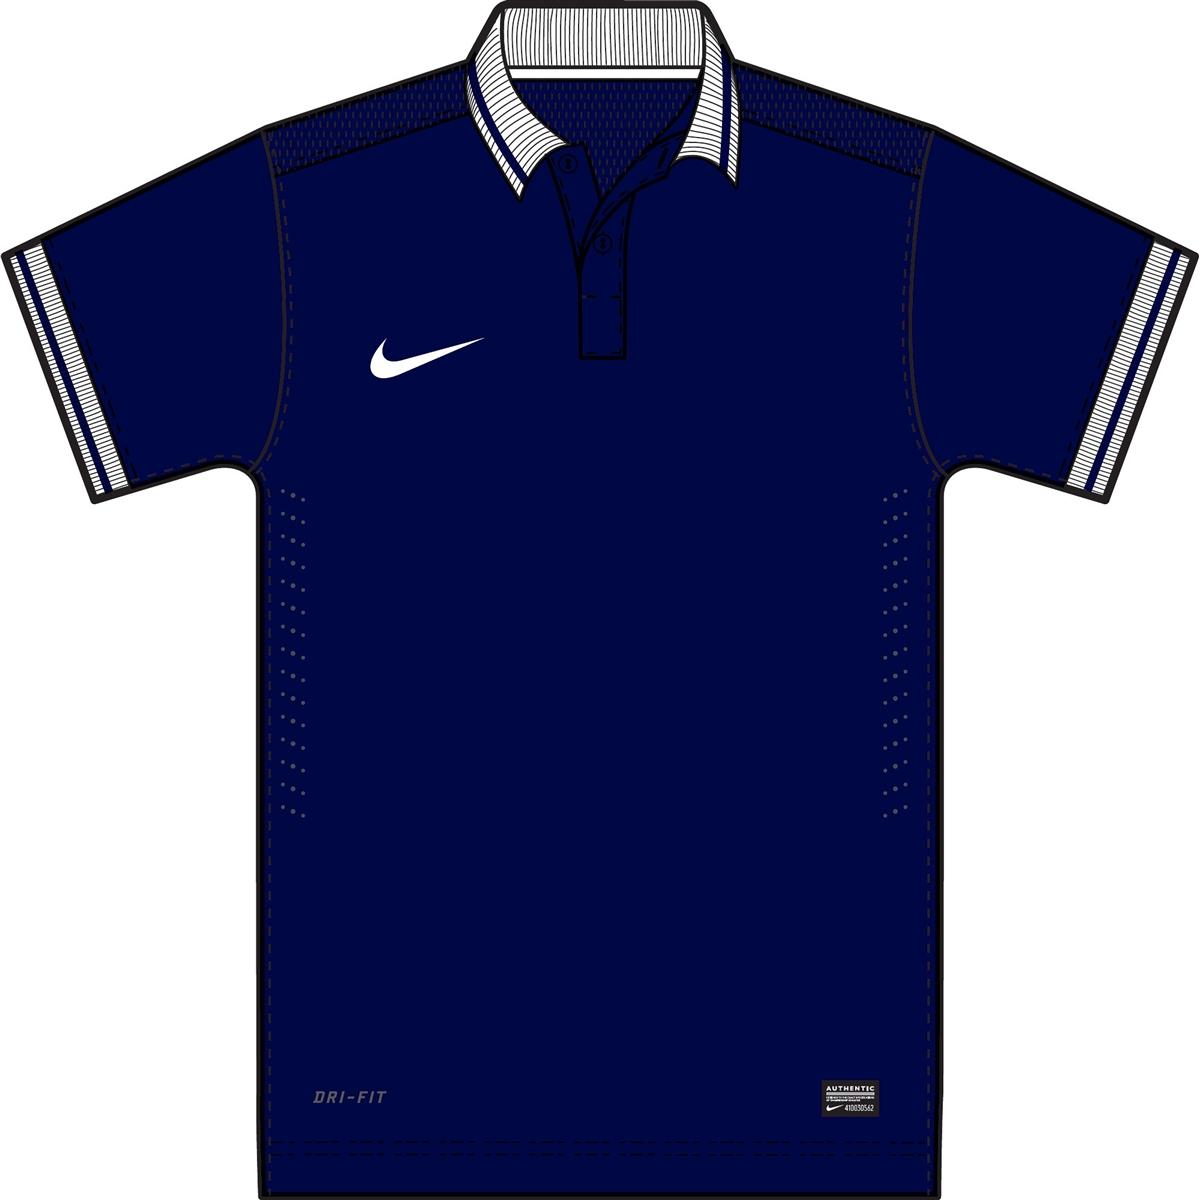 T-shirt Template Navy